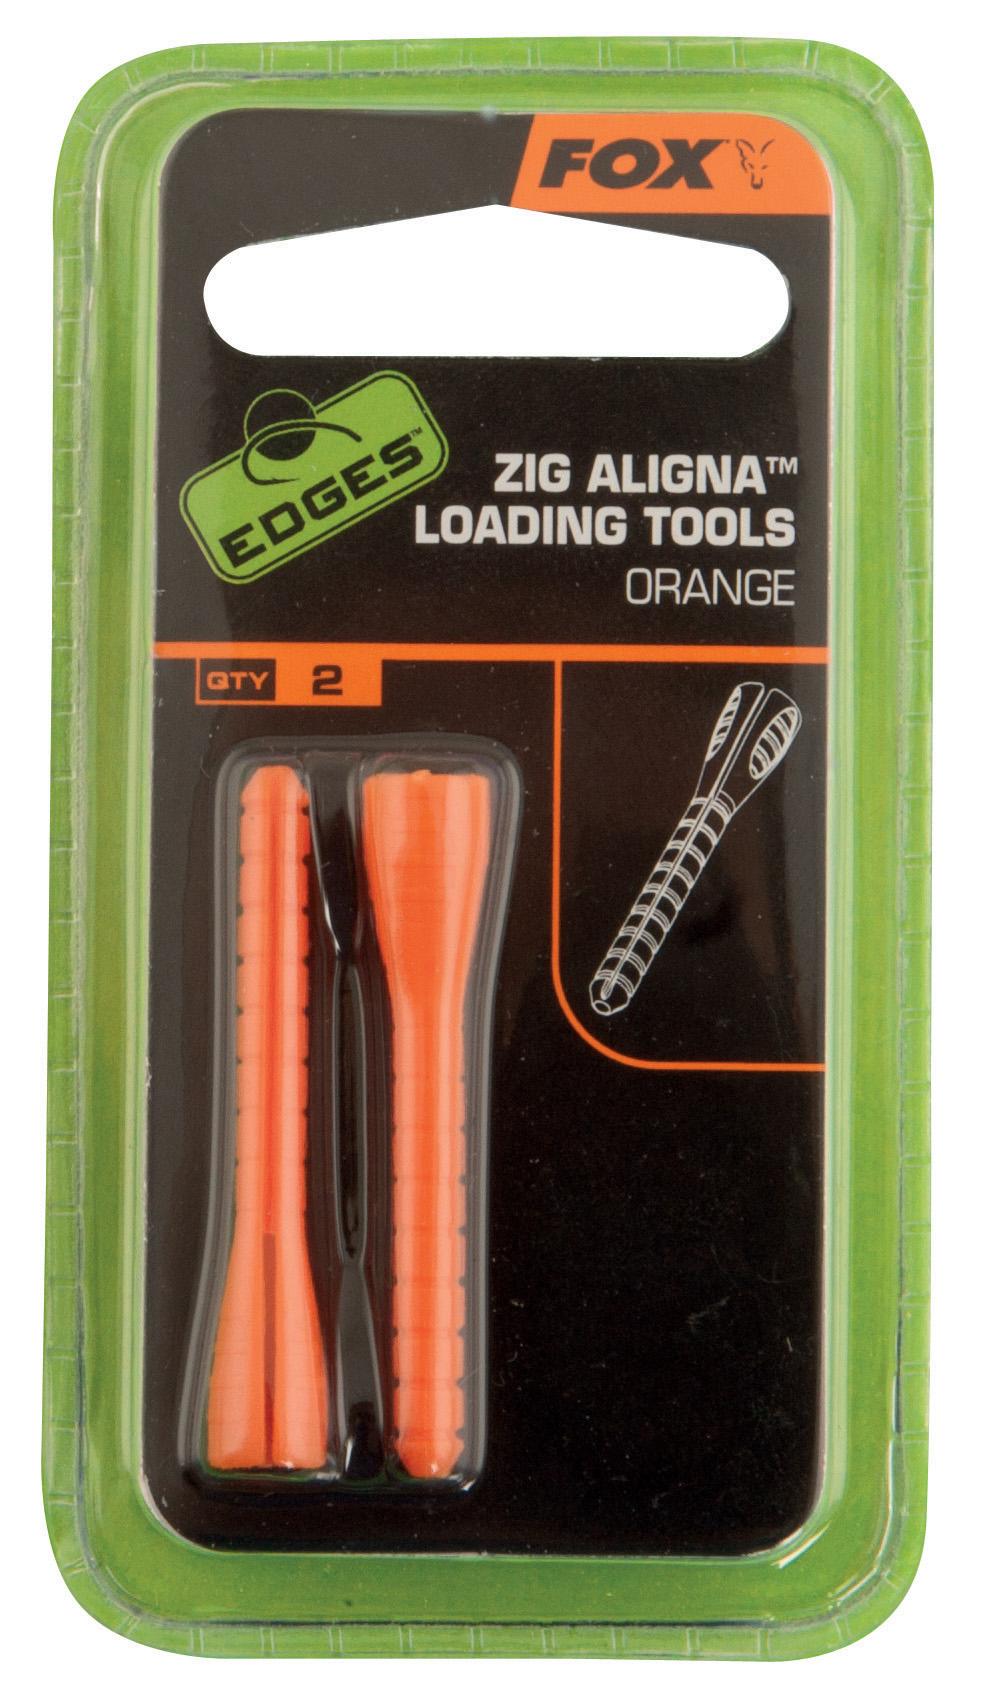 FOX Инструмент для работы с плавающими насадками- Zig Alingna Tools